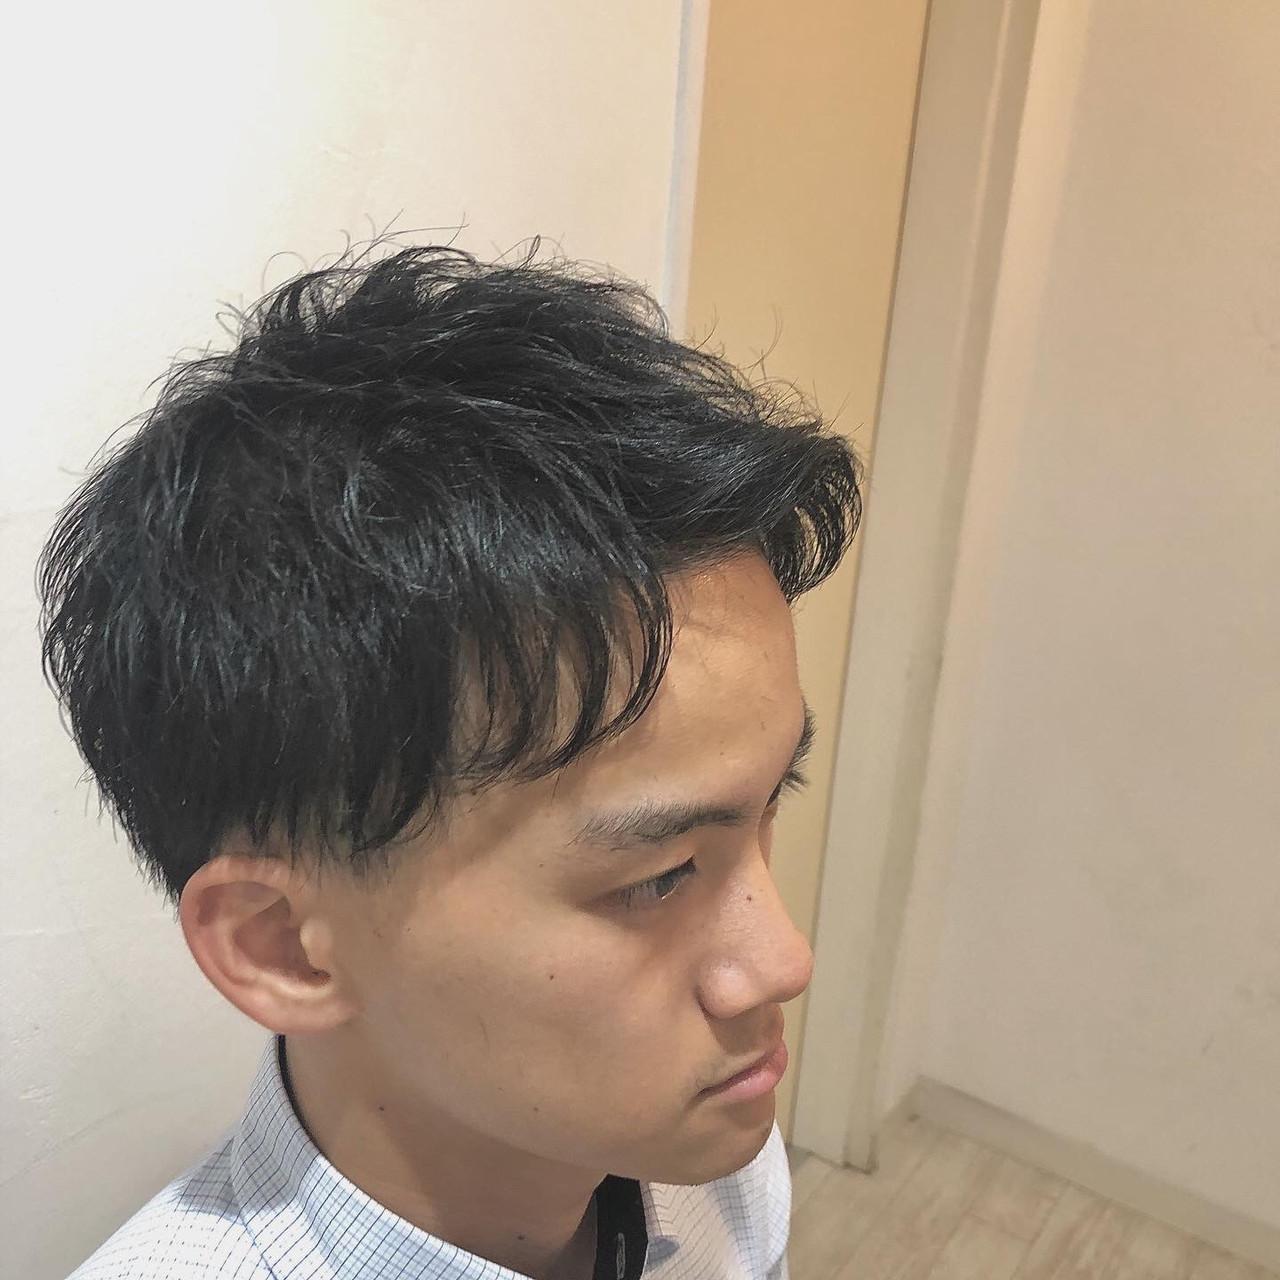 ナチュラル ショート メンズカット アップバング ヘアスタイルや髪型の写真・画像